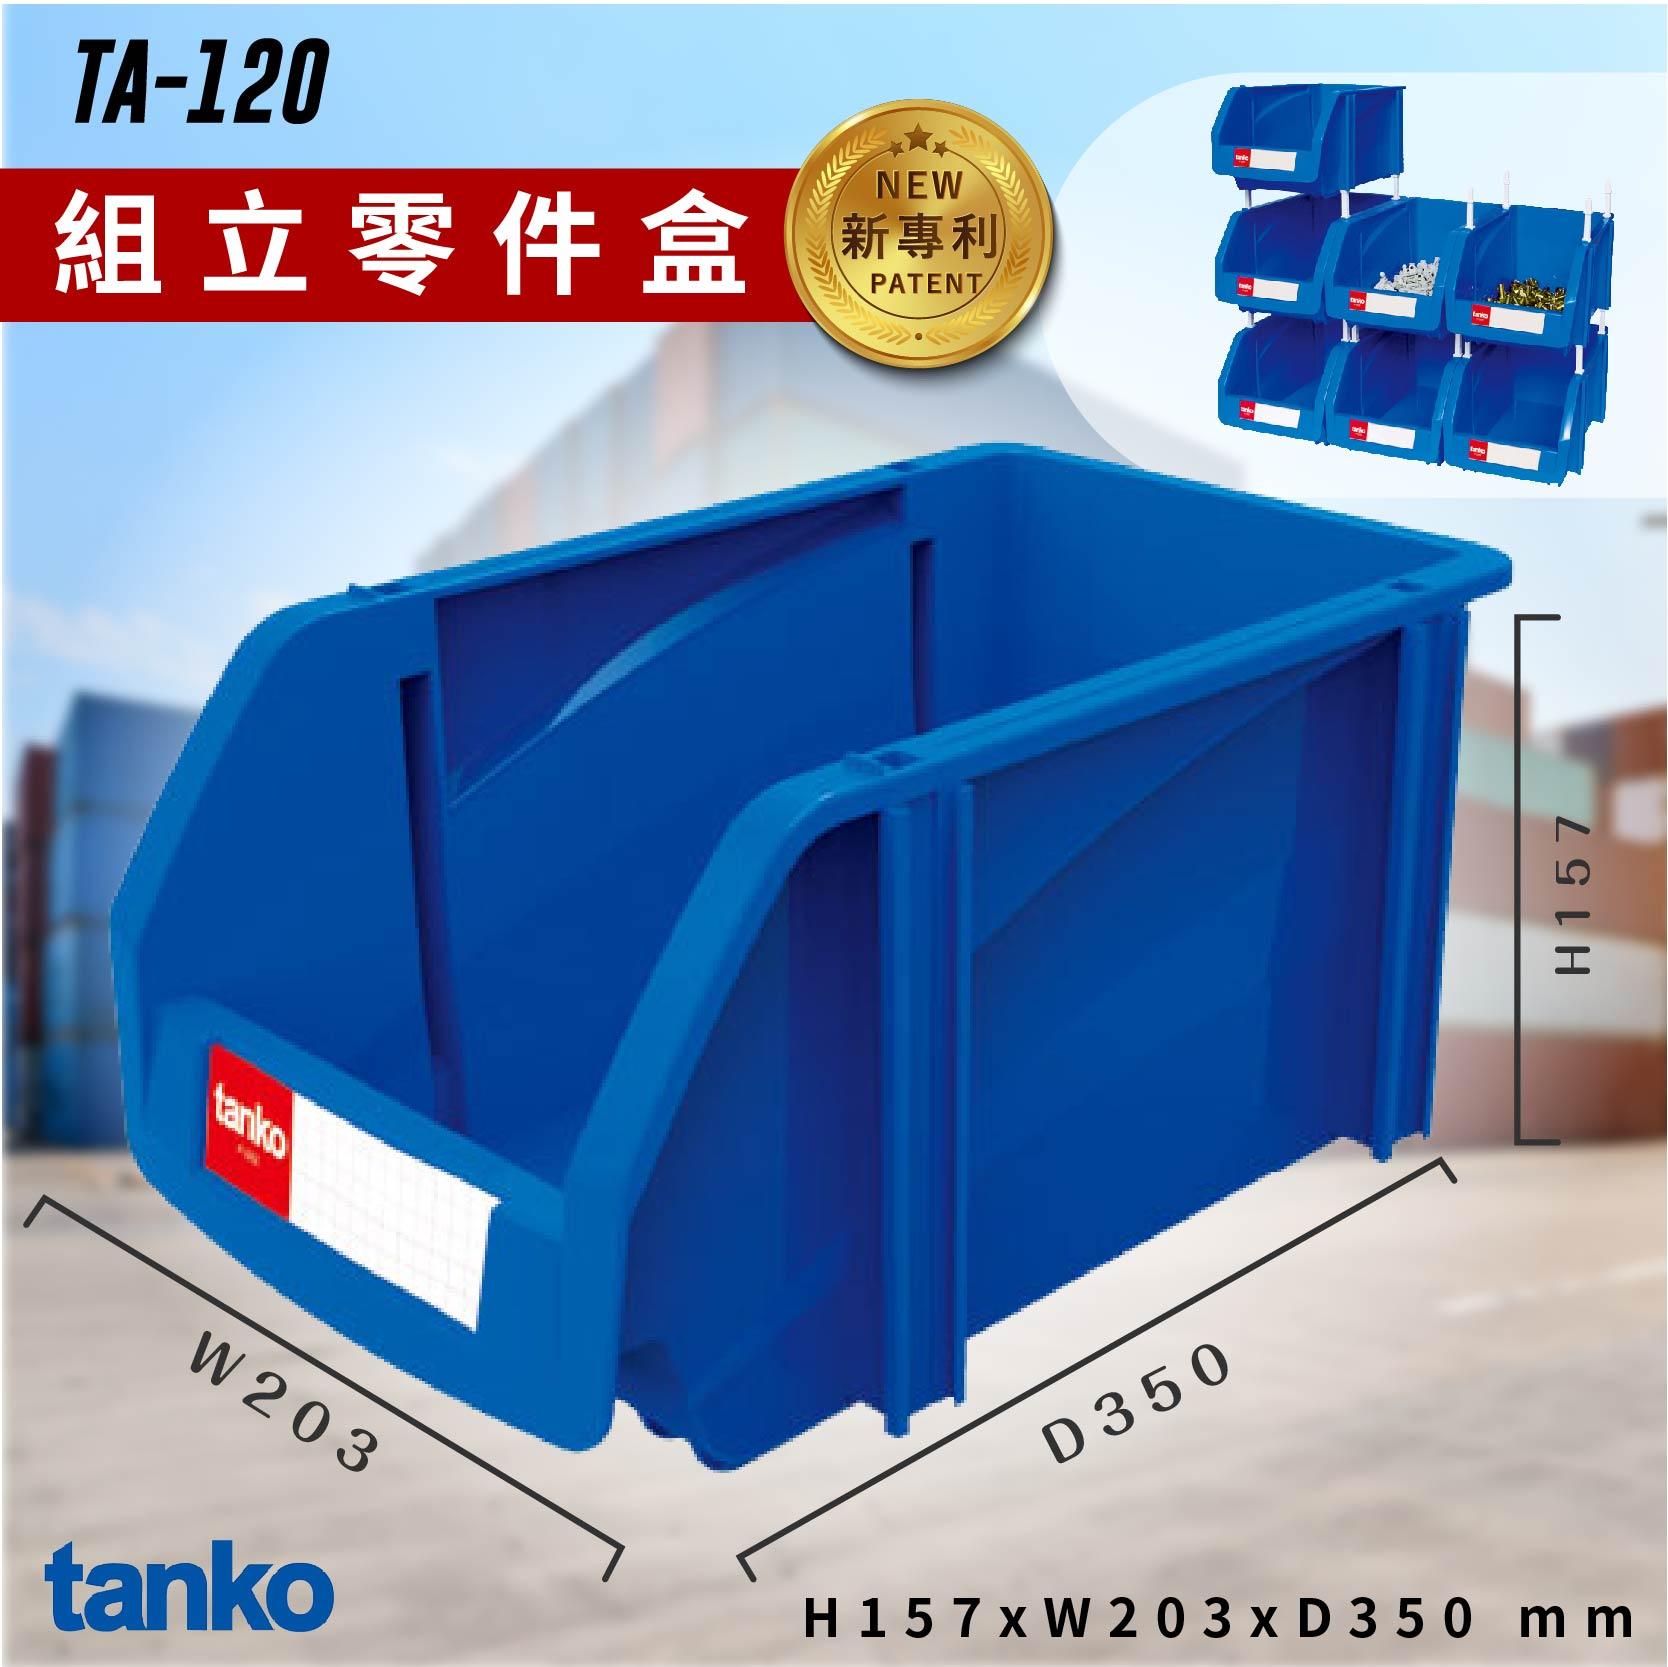 天鋼 TA-120 組立零件盒 耐衝擊 整理盒 收納盒 分類盒 零件櫃 置物盒 零件箱